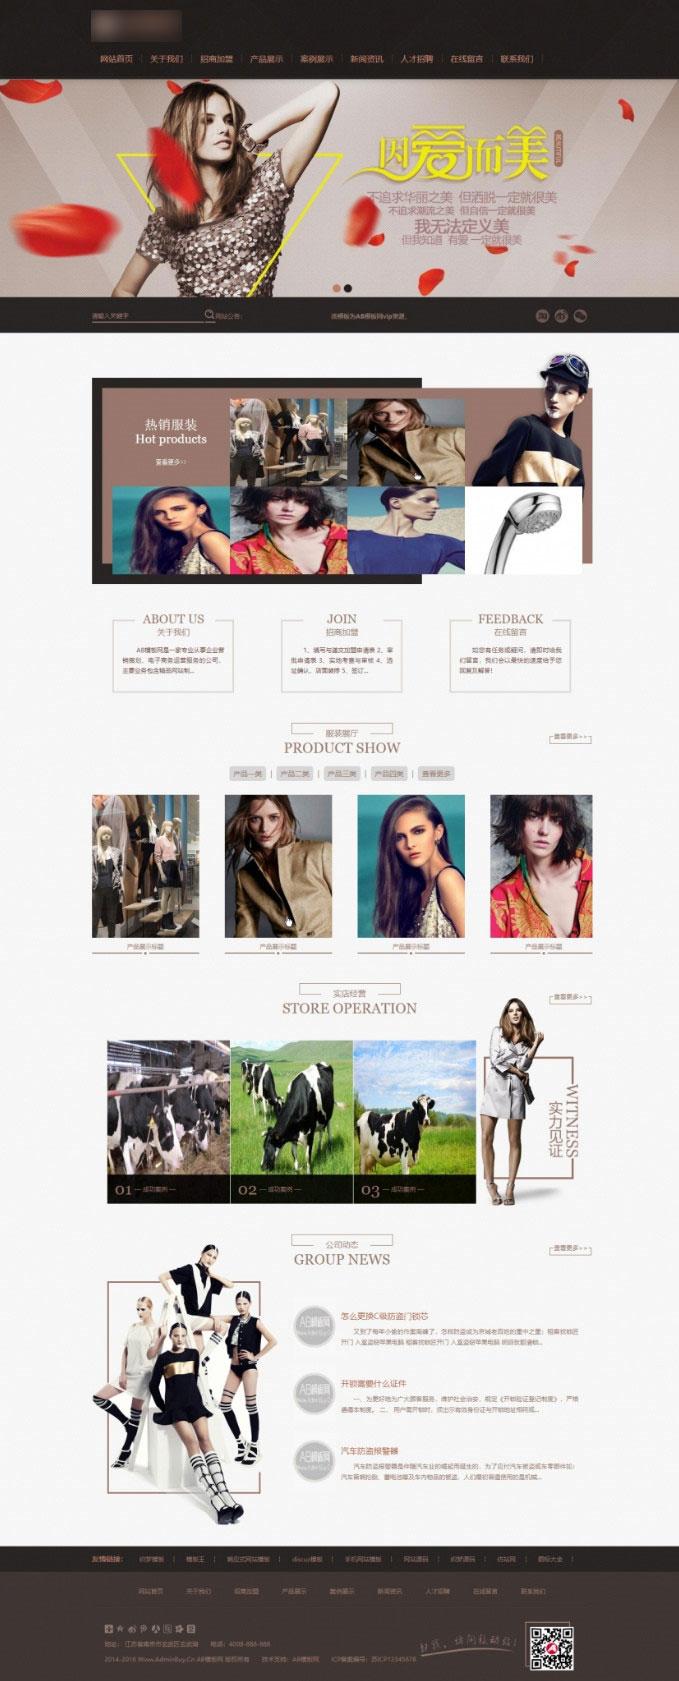 爱上源码网文章黑棕色大气风格女装服饰服装设计展示公司网站模板织梦cms内核(带手机移动端)的内容插图